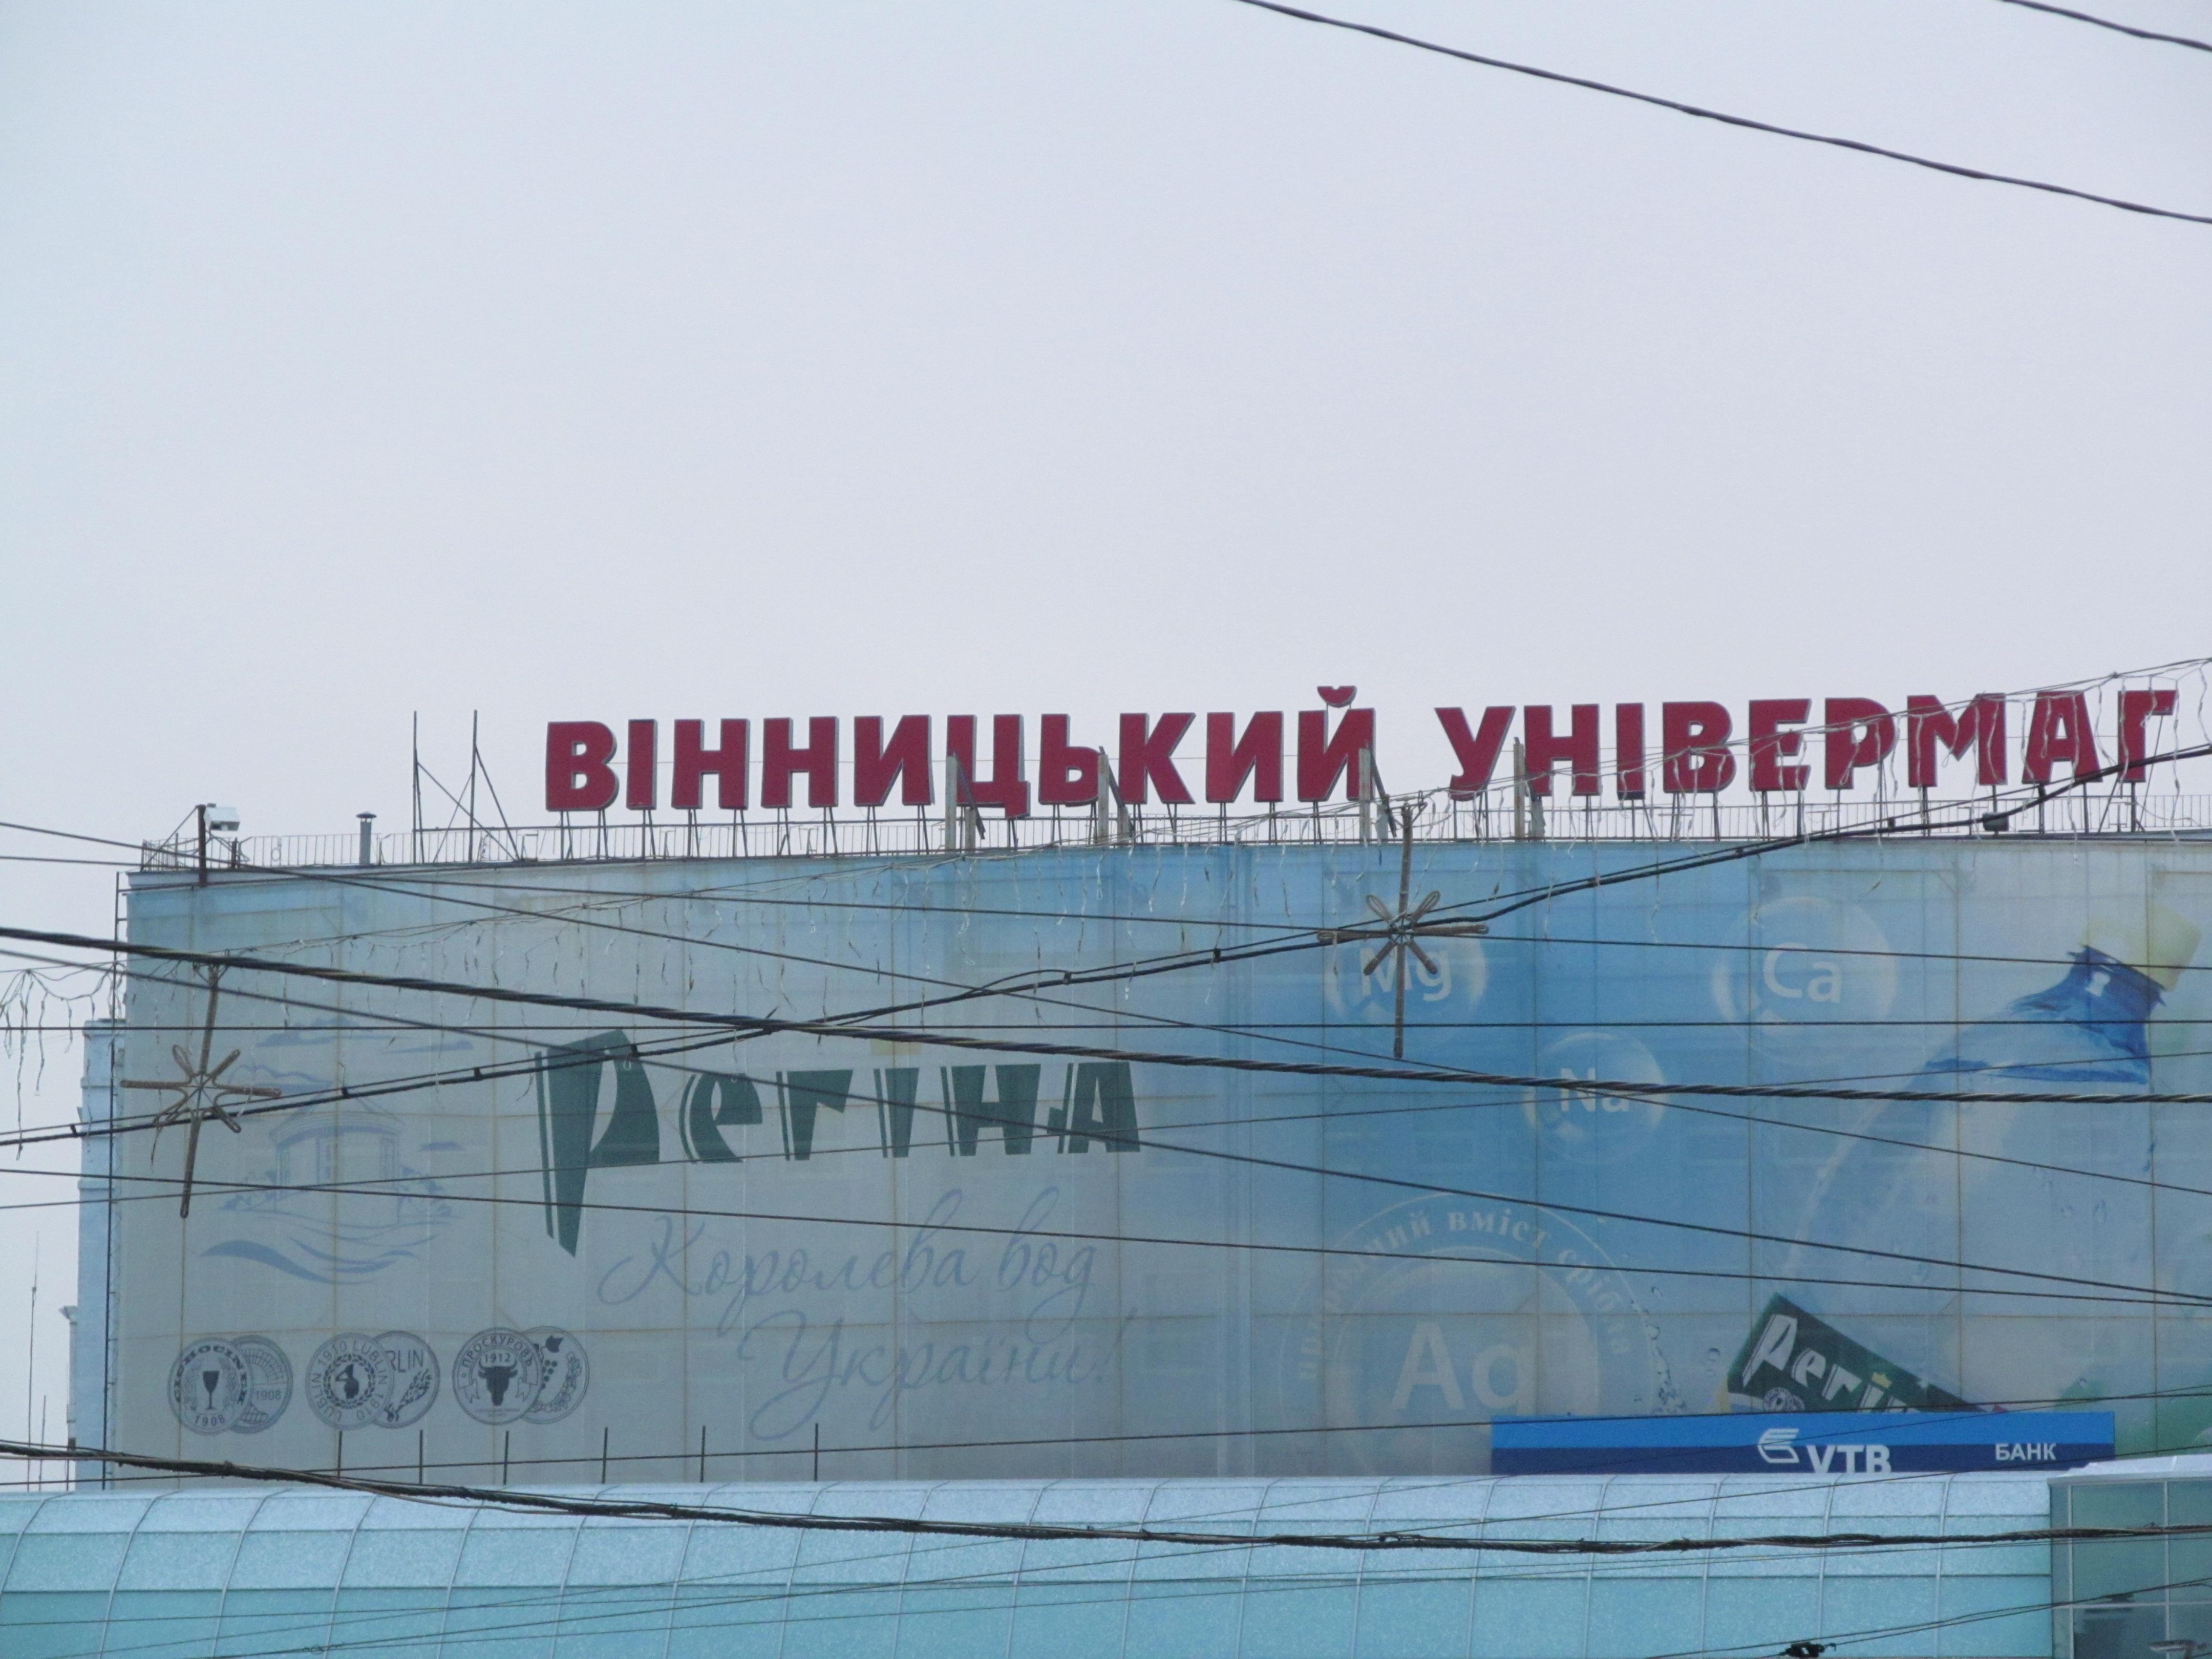 Вінницький універмаг уже декомунізували і не тільки його (Фото)